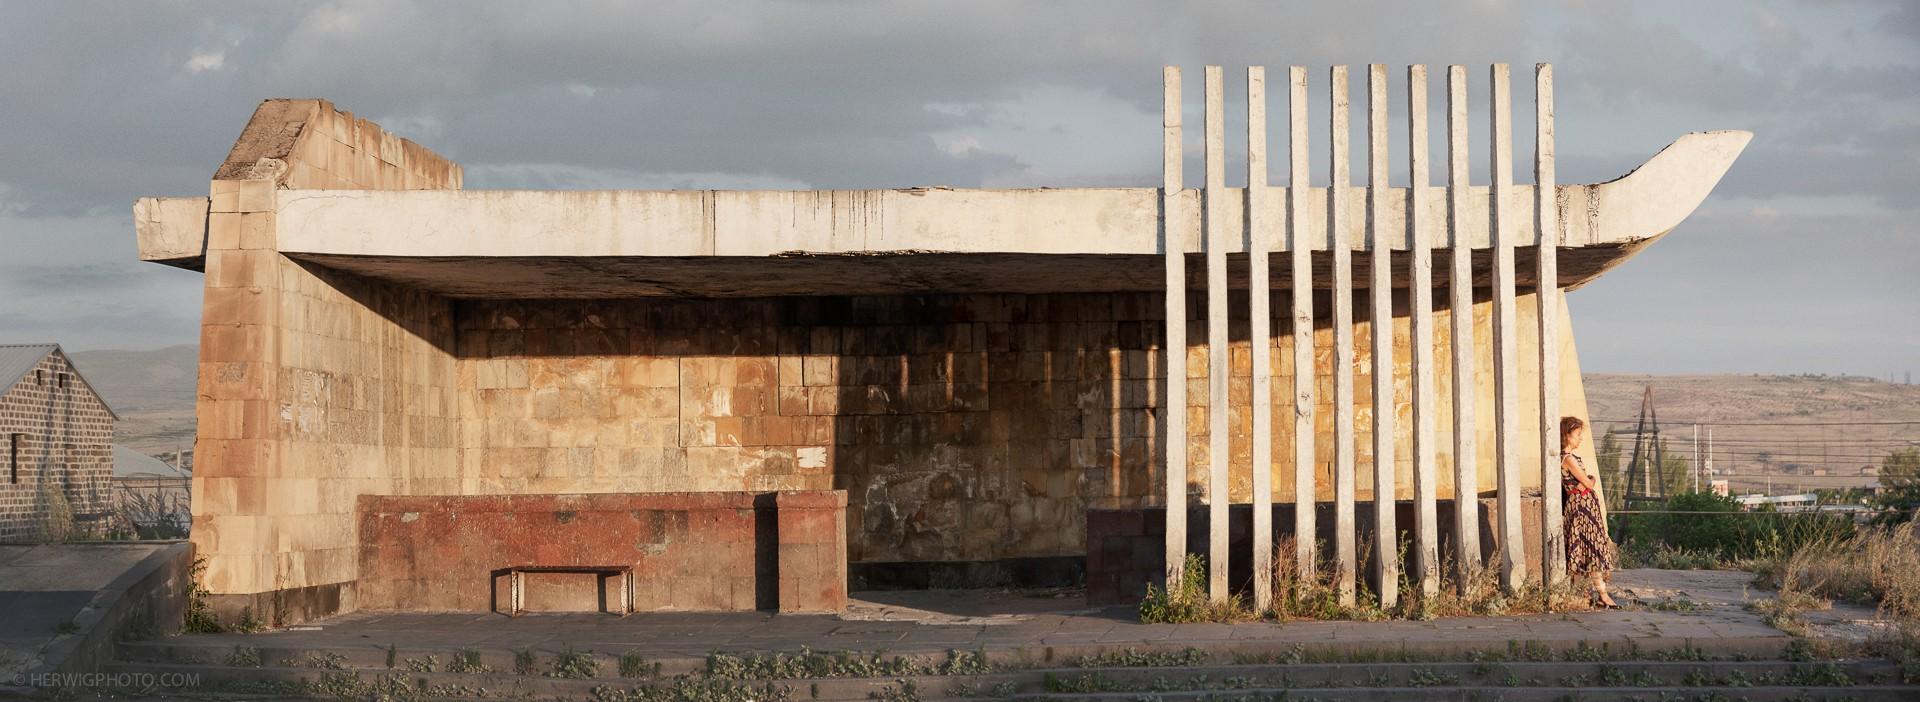 Soviet bus stop in Armenia